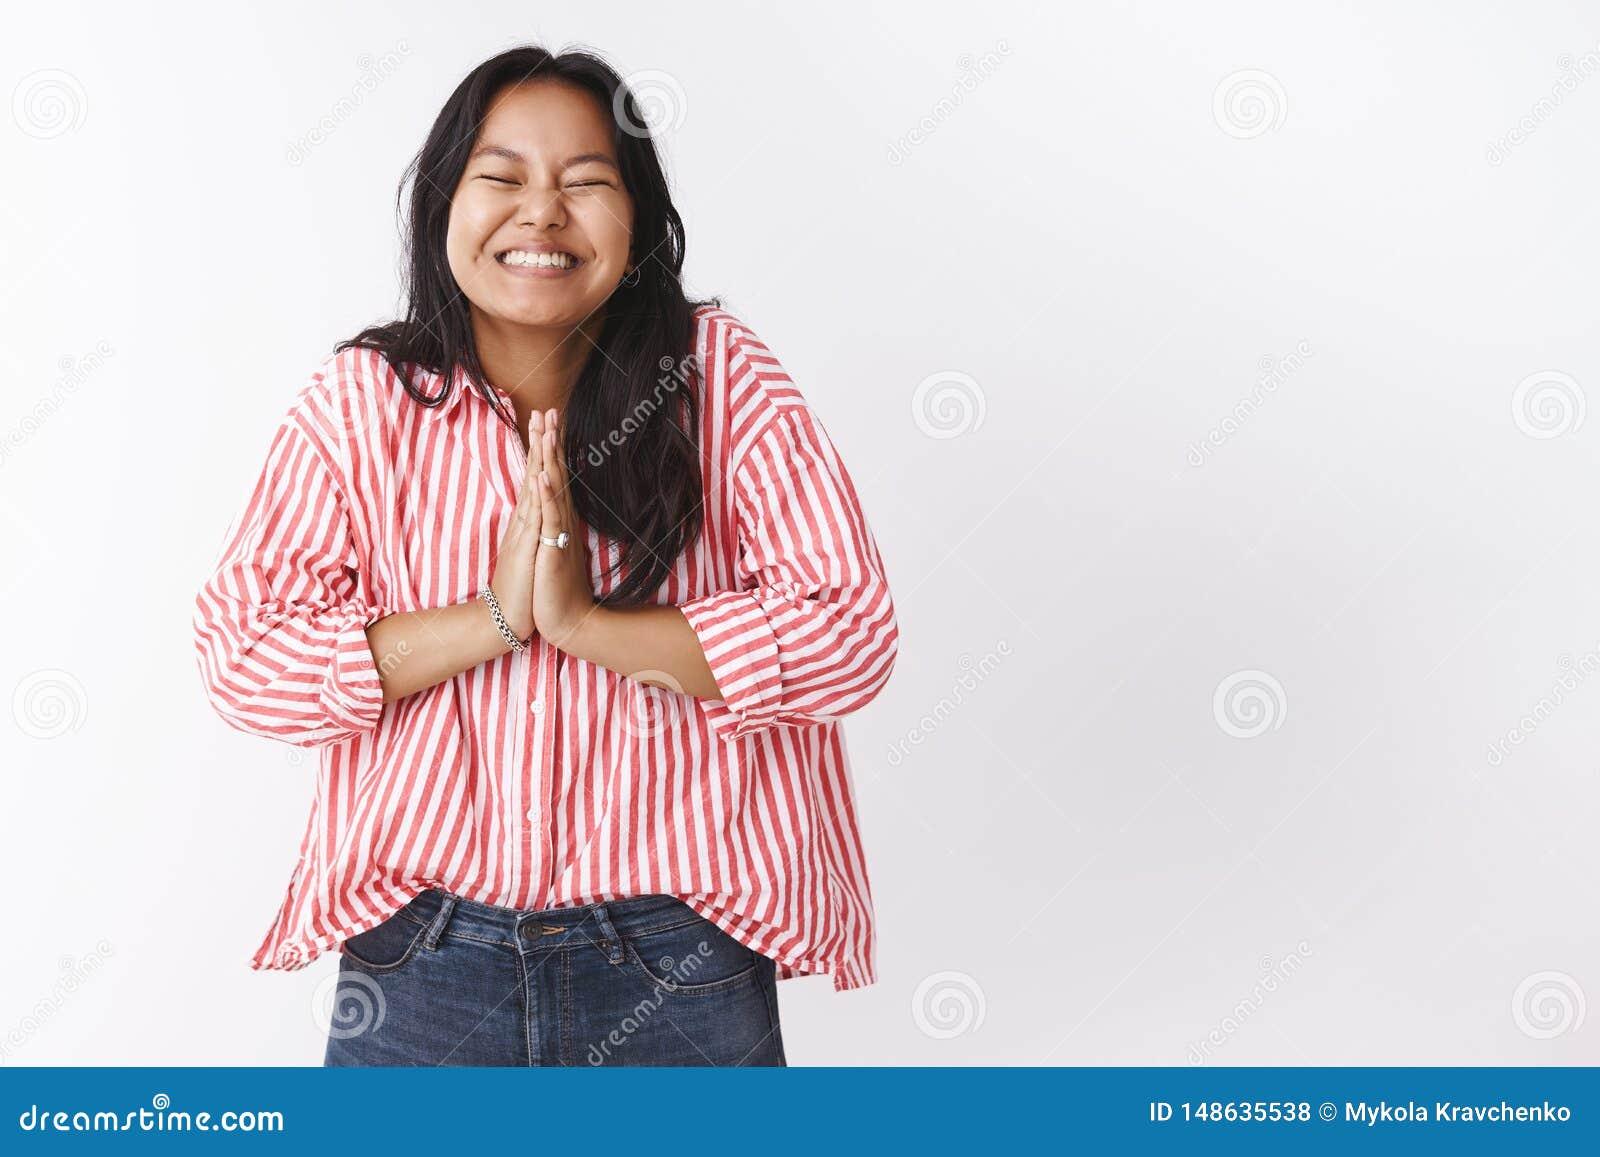 激动的女孩不可能等待愿望实现的微笑快乐与握手在的闭合的眼睛祈祷,棕榈一起按了